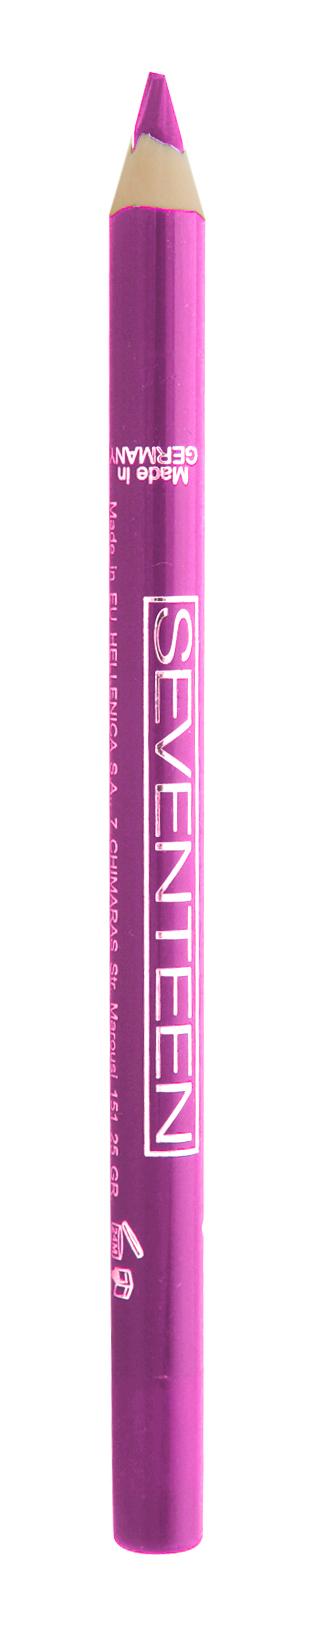 SEVENTEEN Карандаш водостойкий с витамином Е для губ, 32 модный розовый / Super Smooth W/P Lip Liner 1,2 г